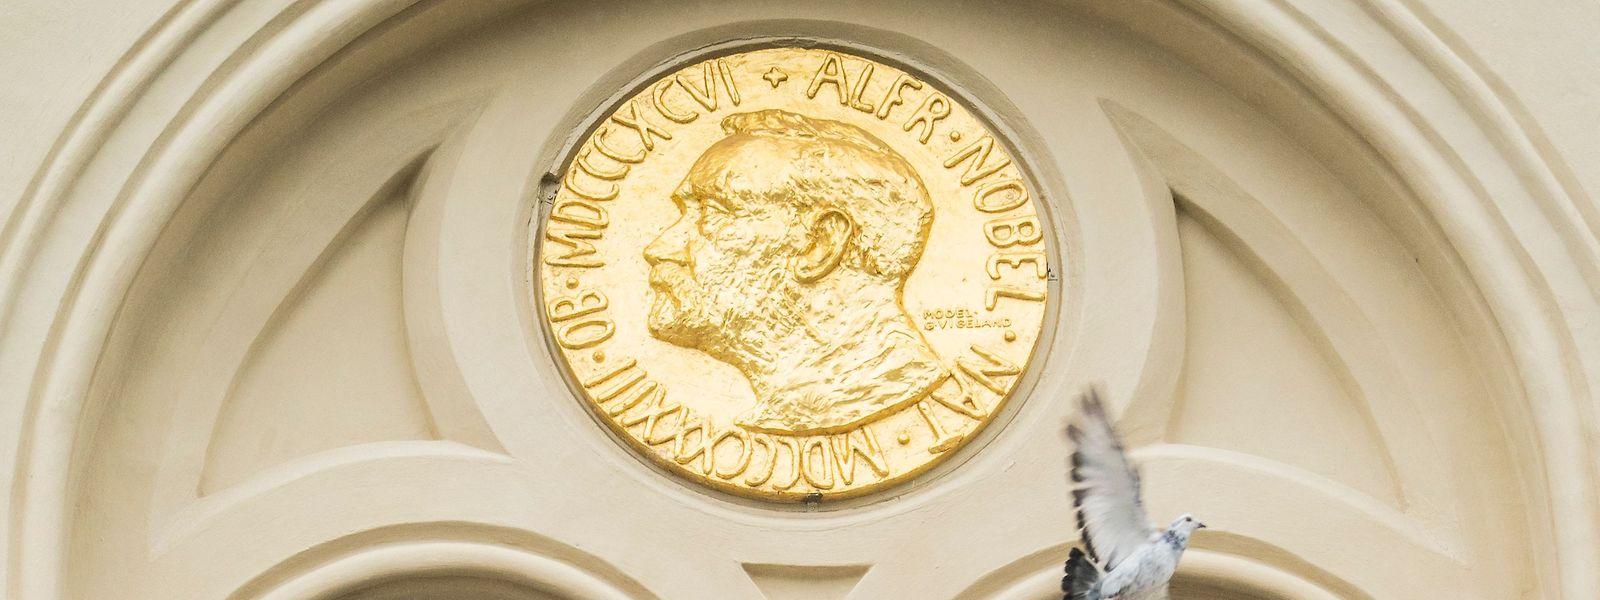 Der Alfred-Nobel-Gedächtnispreis für Wirtschaftswissenschaften wurde 1968 von der Schwedischen Nationalbank anlässlich ihres 300-jährigen Bestehens gestiftet.